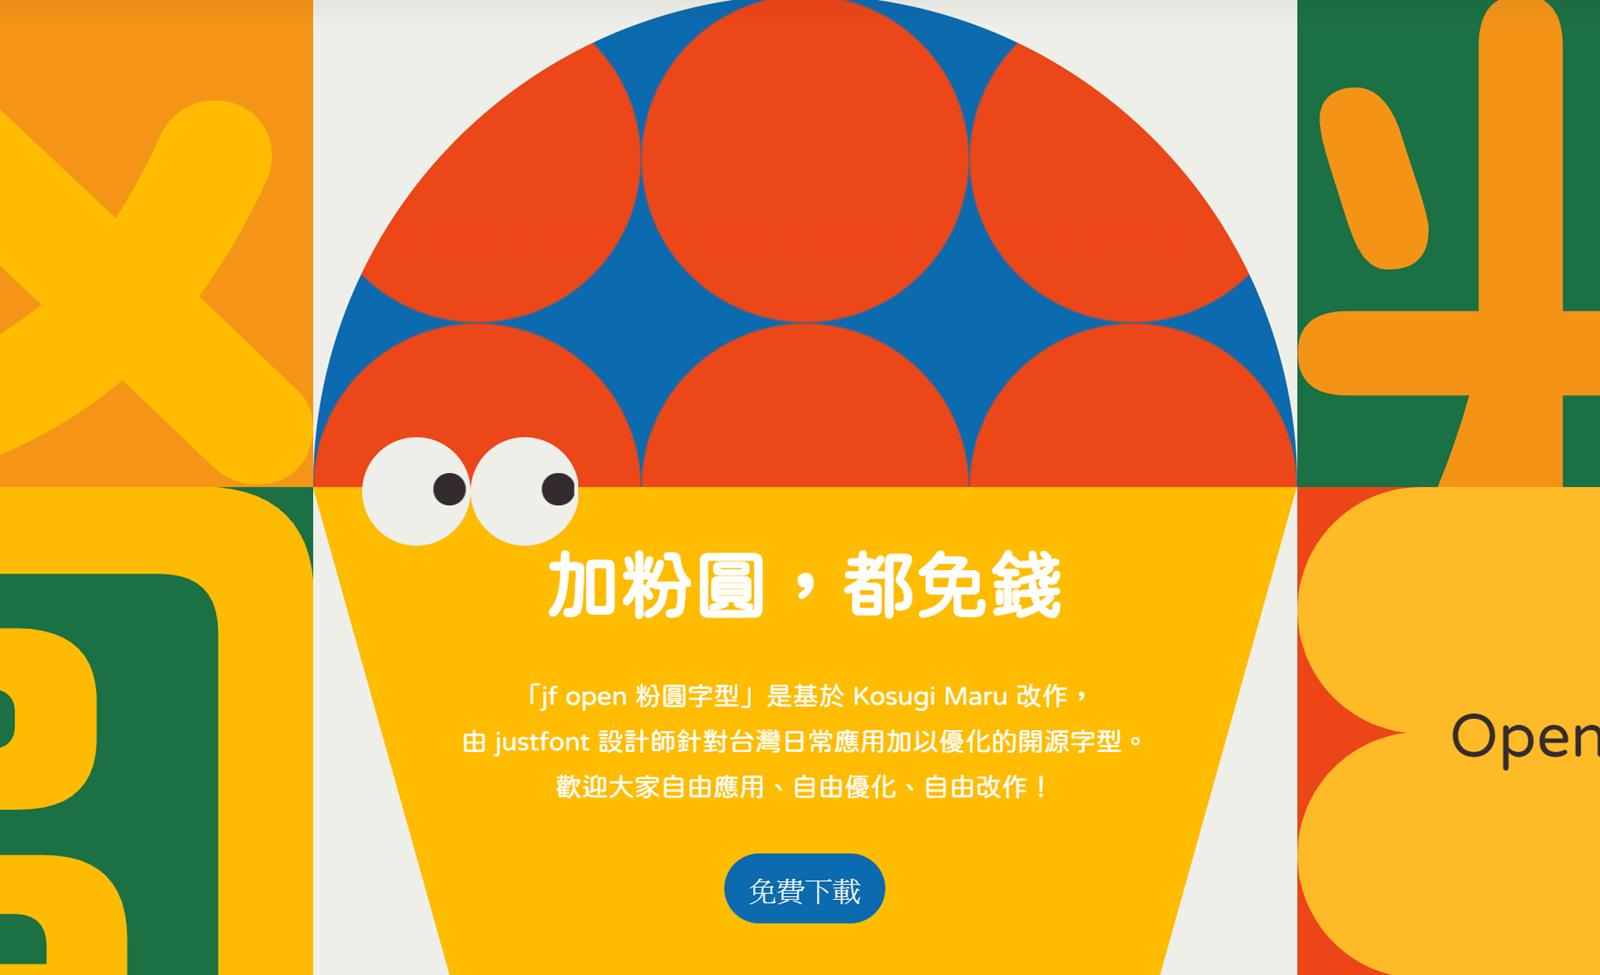 免費可愛圓體中文字型!justfont 推出基於開源字型的Open 粉圓 thumbnail